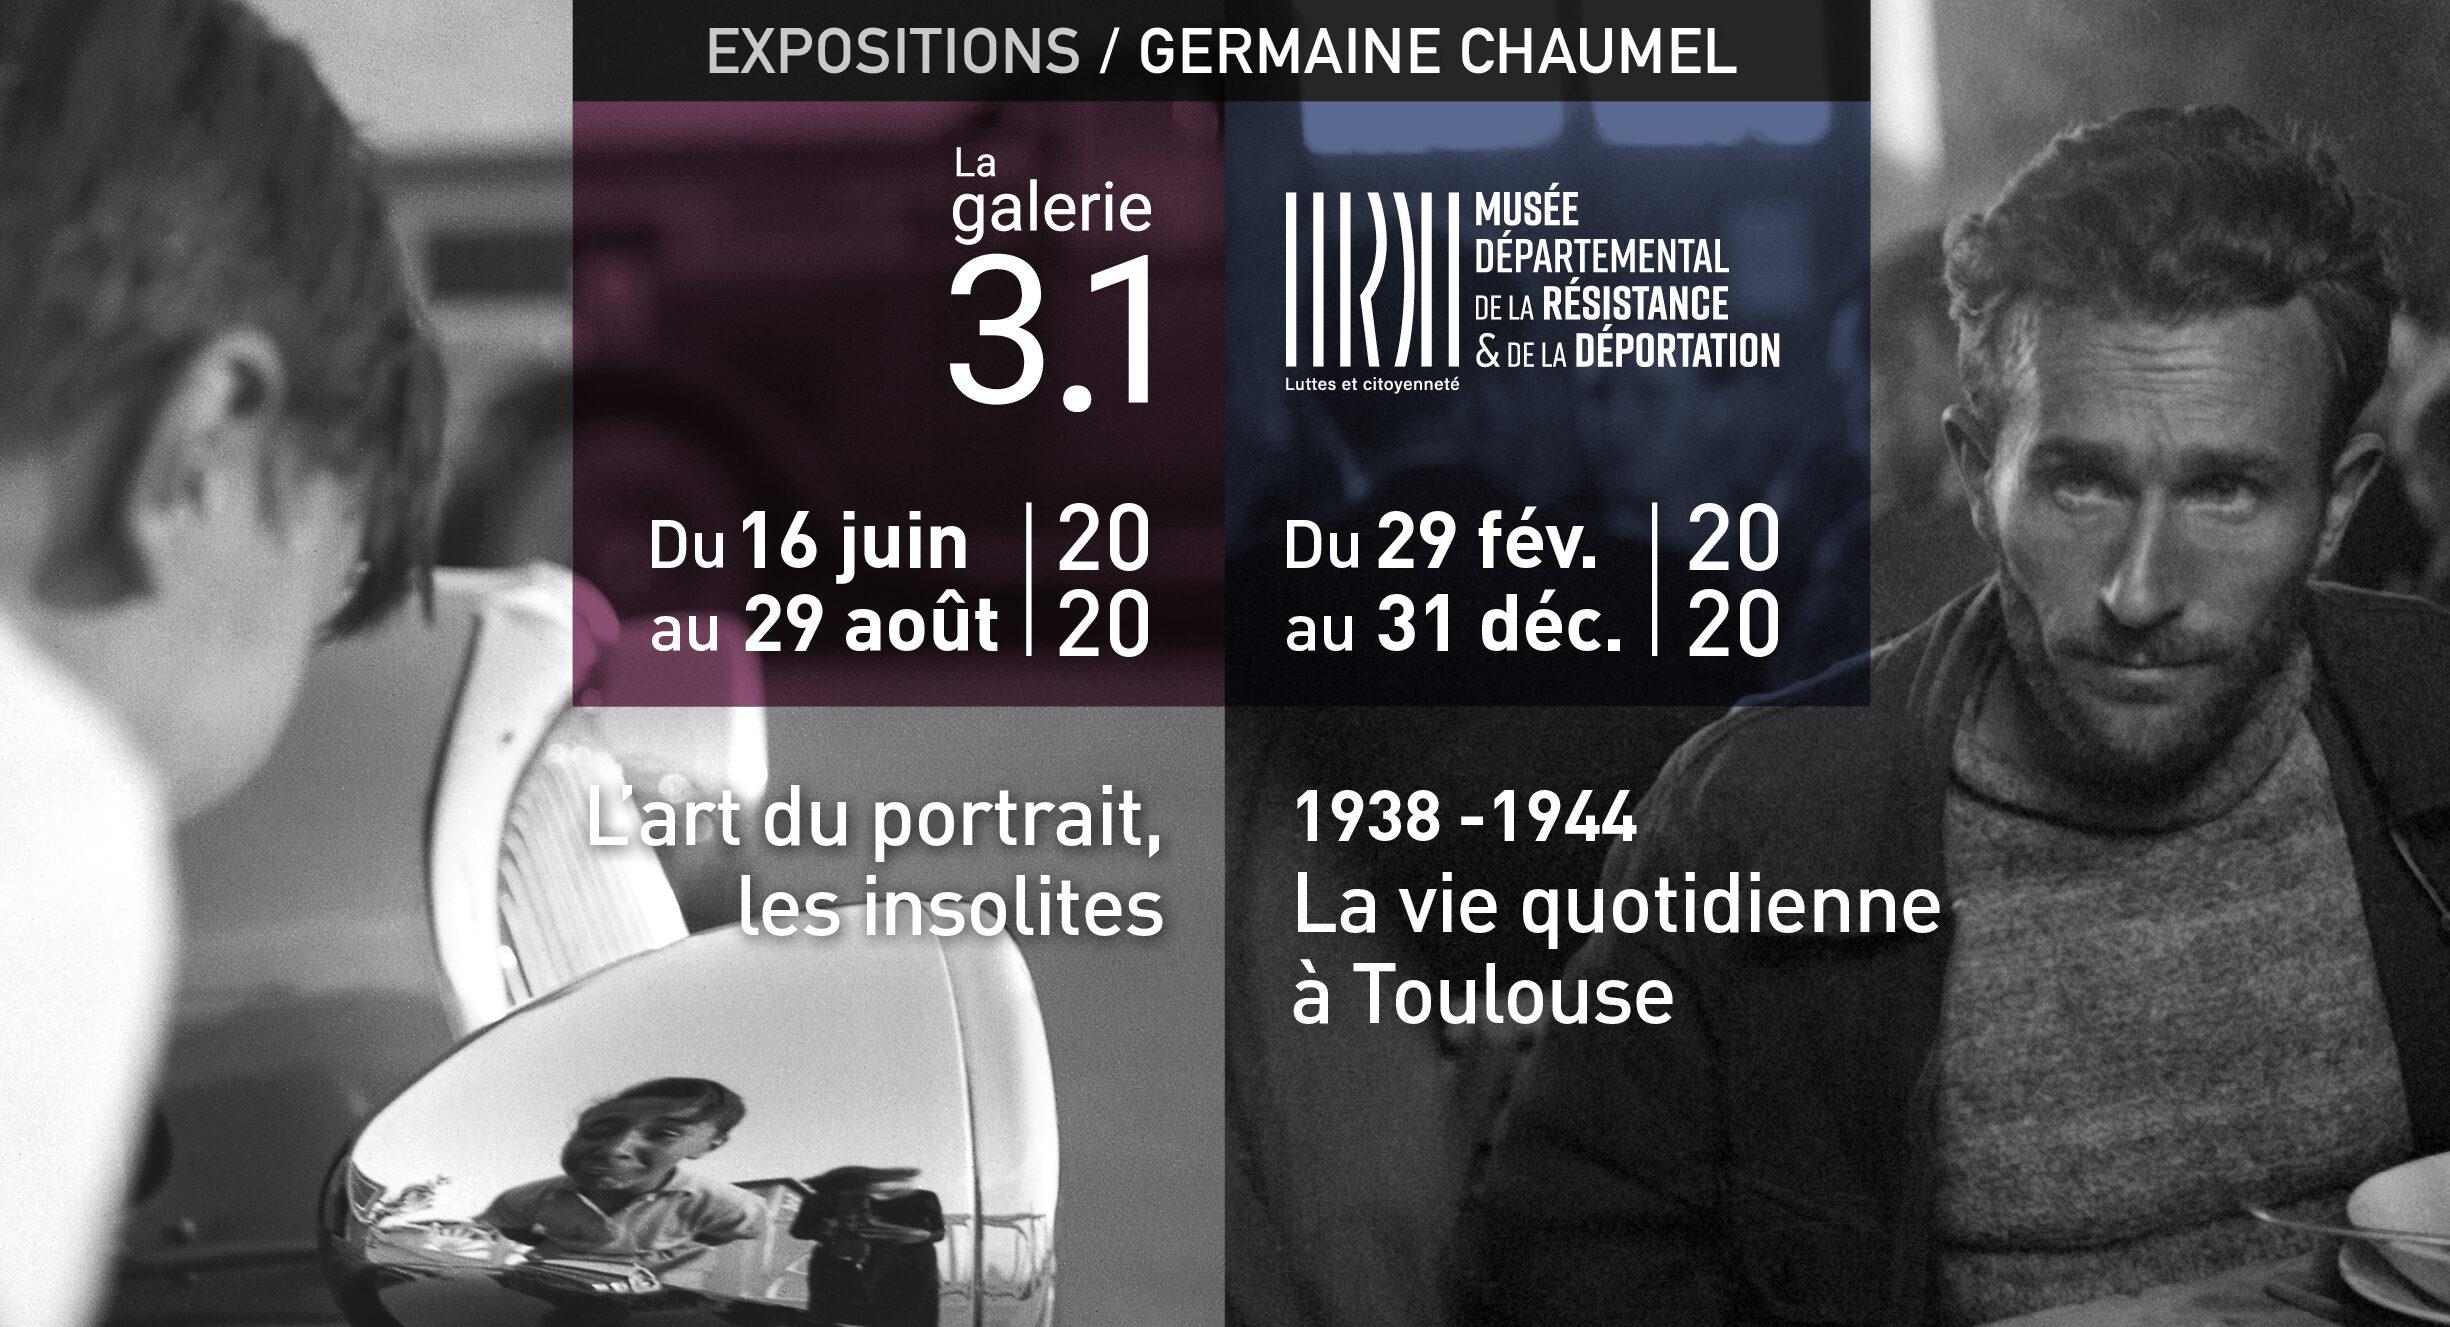 Visuel FB AP Parcours des arts expo chaumel - 1200 x 637.jpg